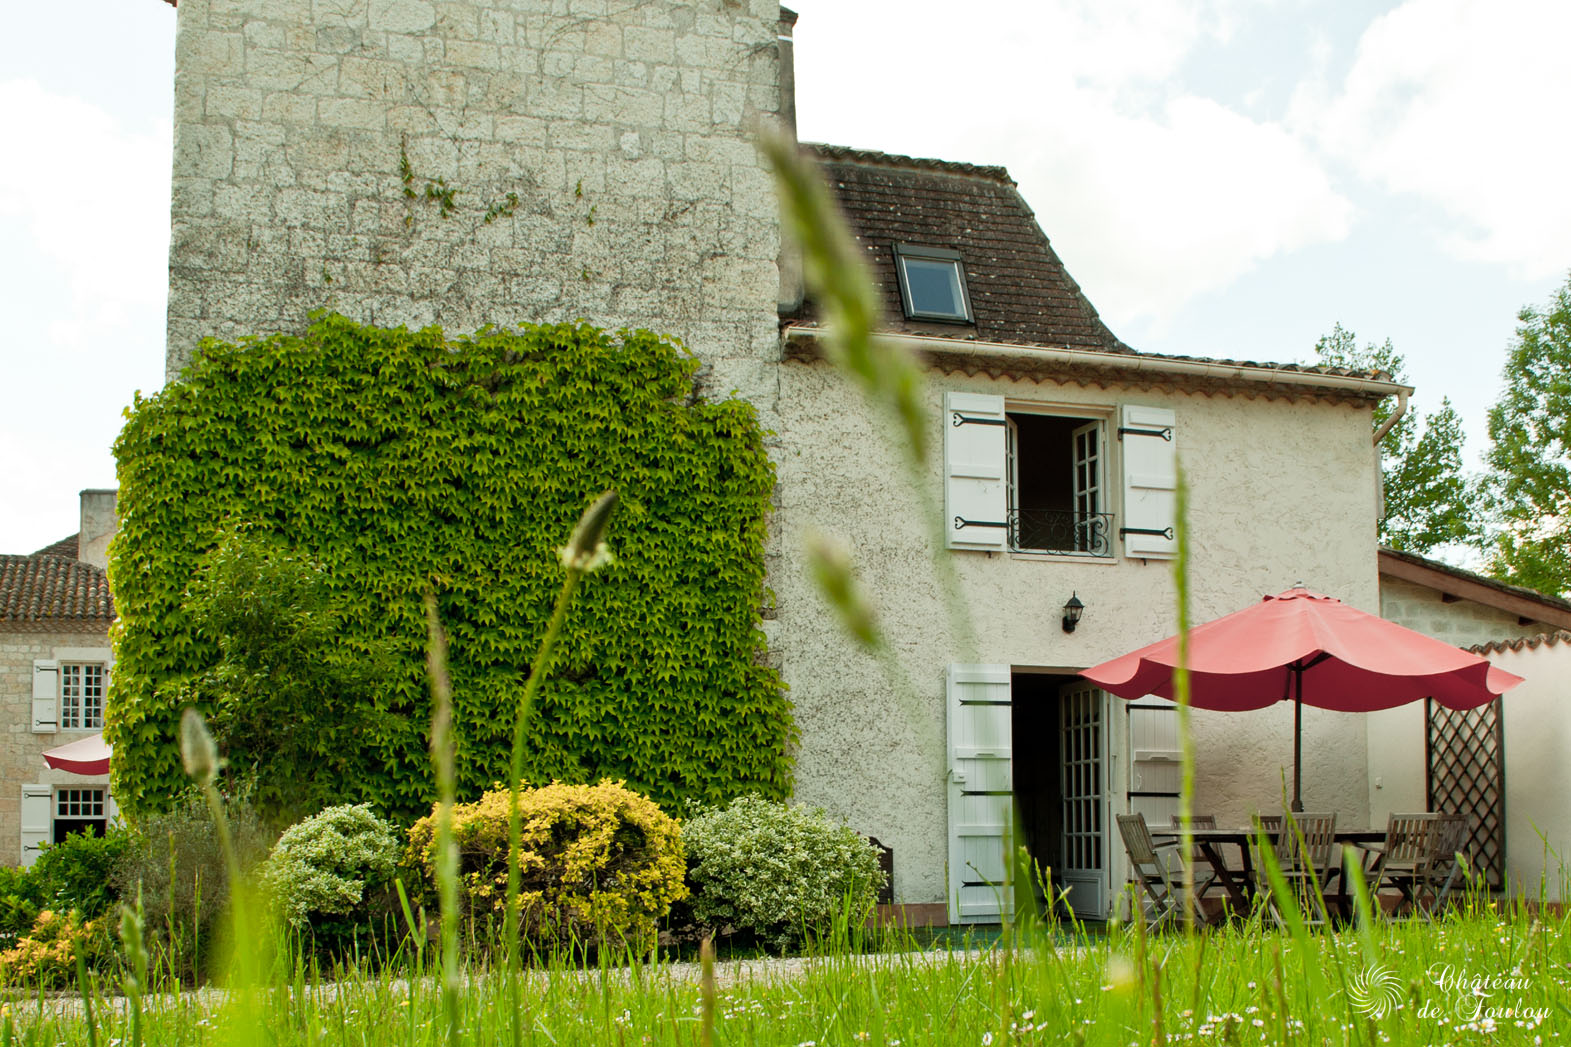 http://www.chateau-de-foulou.com/wp-content/uploads/2014/05/roomtour09.jpg